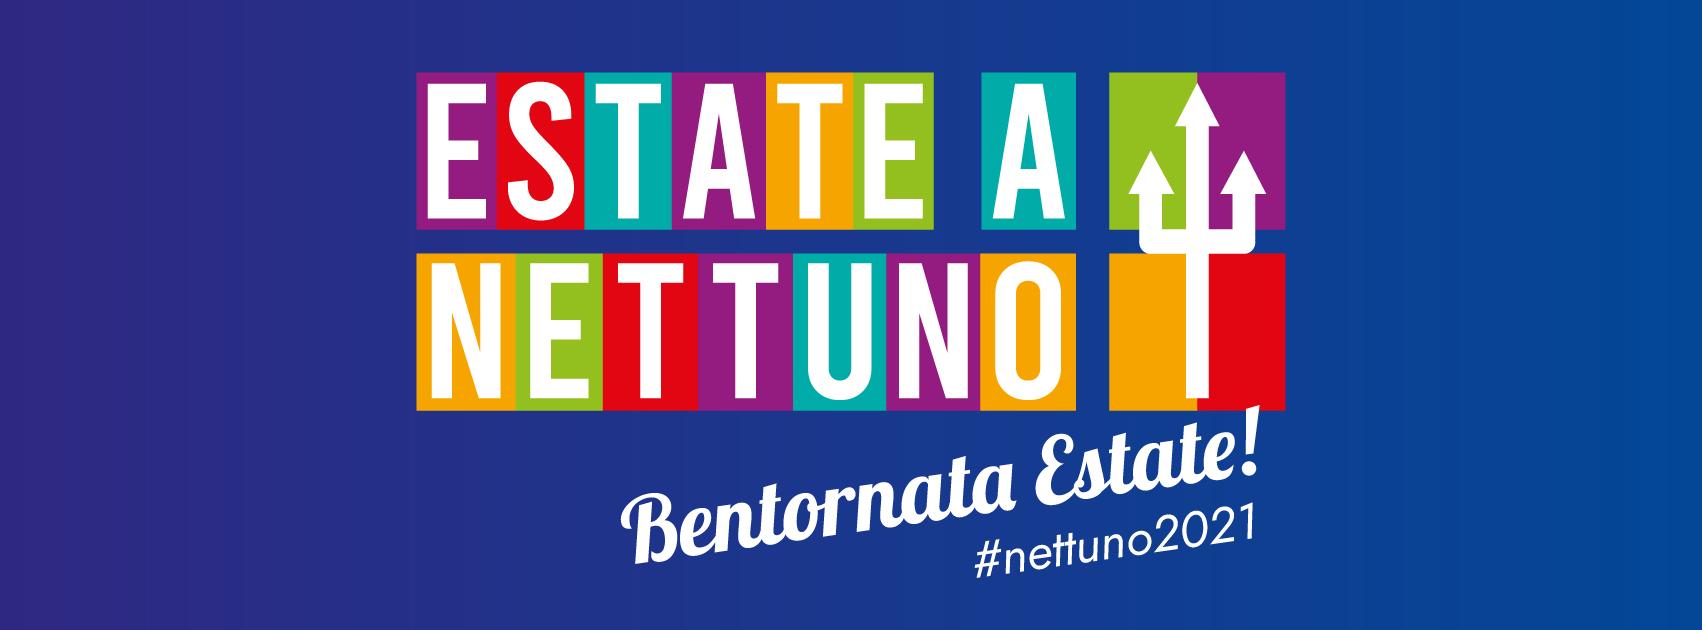 #ESTATENETTUNO2021, TUTTI GLI APPUNTAMENTI DI AGOSTO E SETTEMBRE